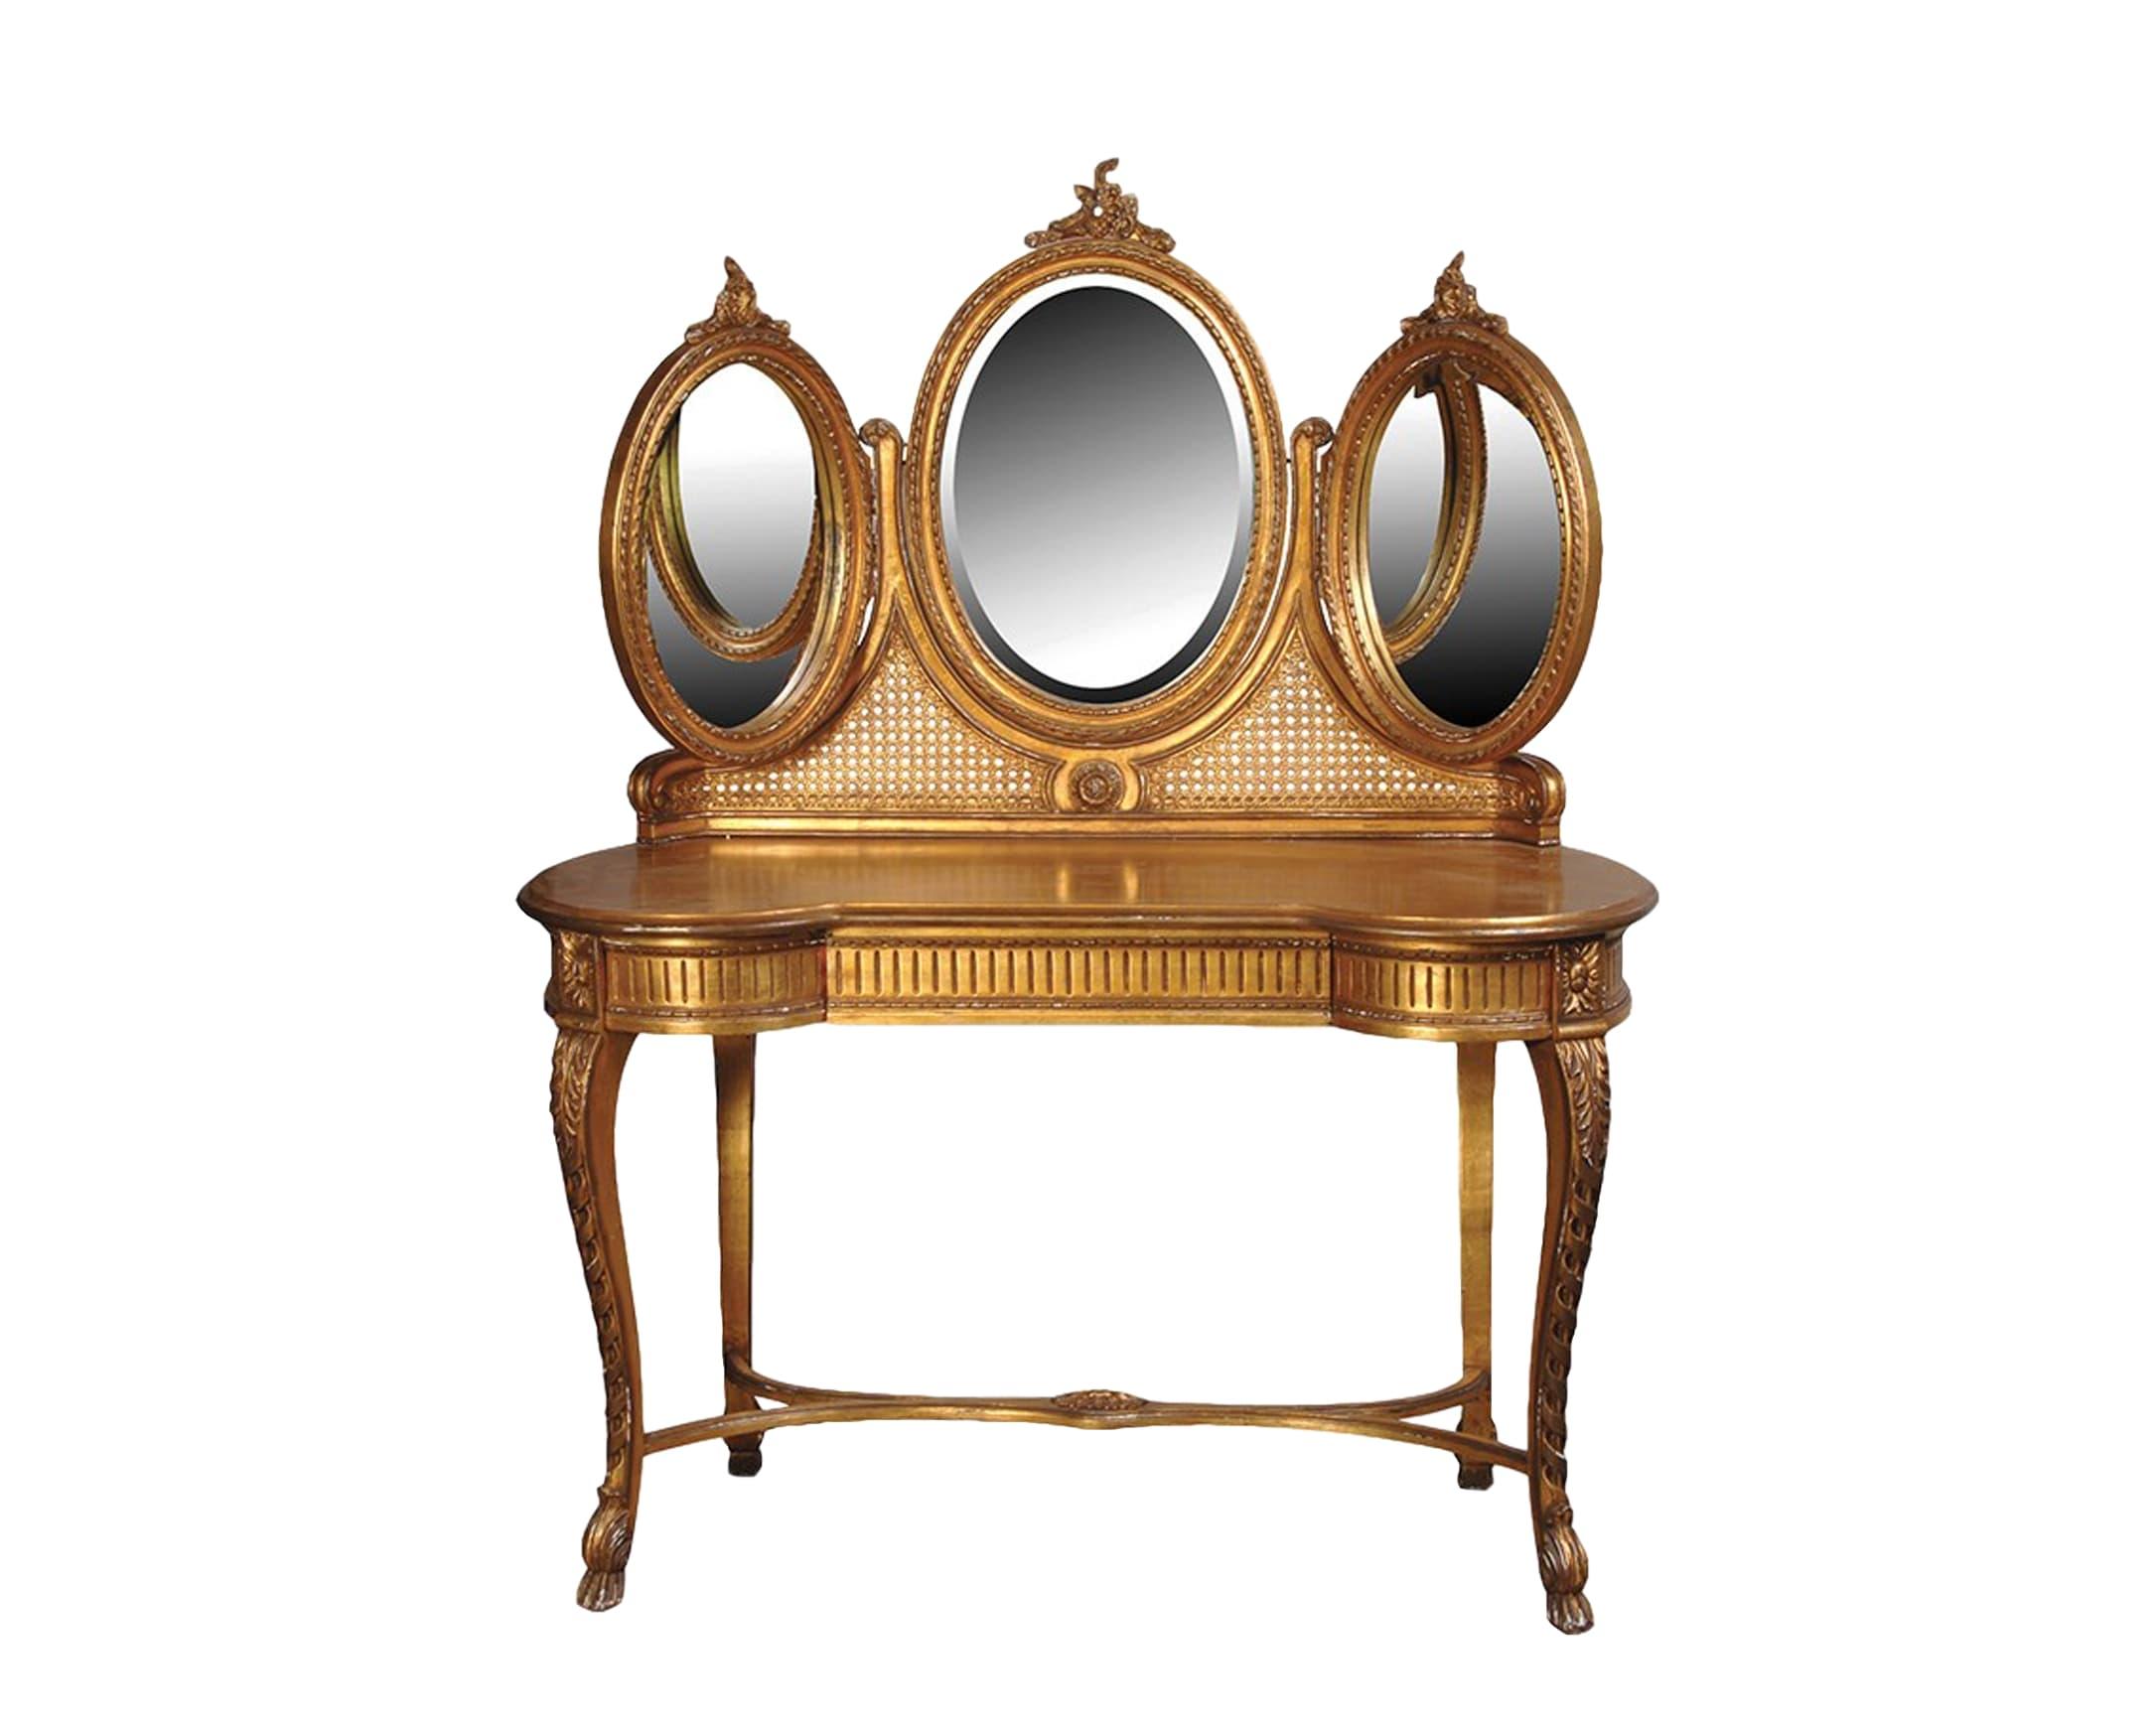 Туалетный столТуалетные столики<br>Туалетный стол коллекции &amp;quot;Версаль&amp;quot; &amp;amp;mdash; сам говорит за себя, тройное зеркало, декорировано ротангом. Необычная форма столешницы добавит в Ваш интерьер шик и изысканность.<br><br>Material: Красное дерево<br>Width см: 124<br>Depth см: 53<br>Height см: 152